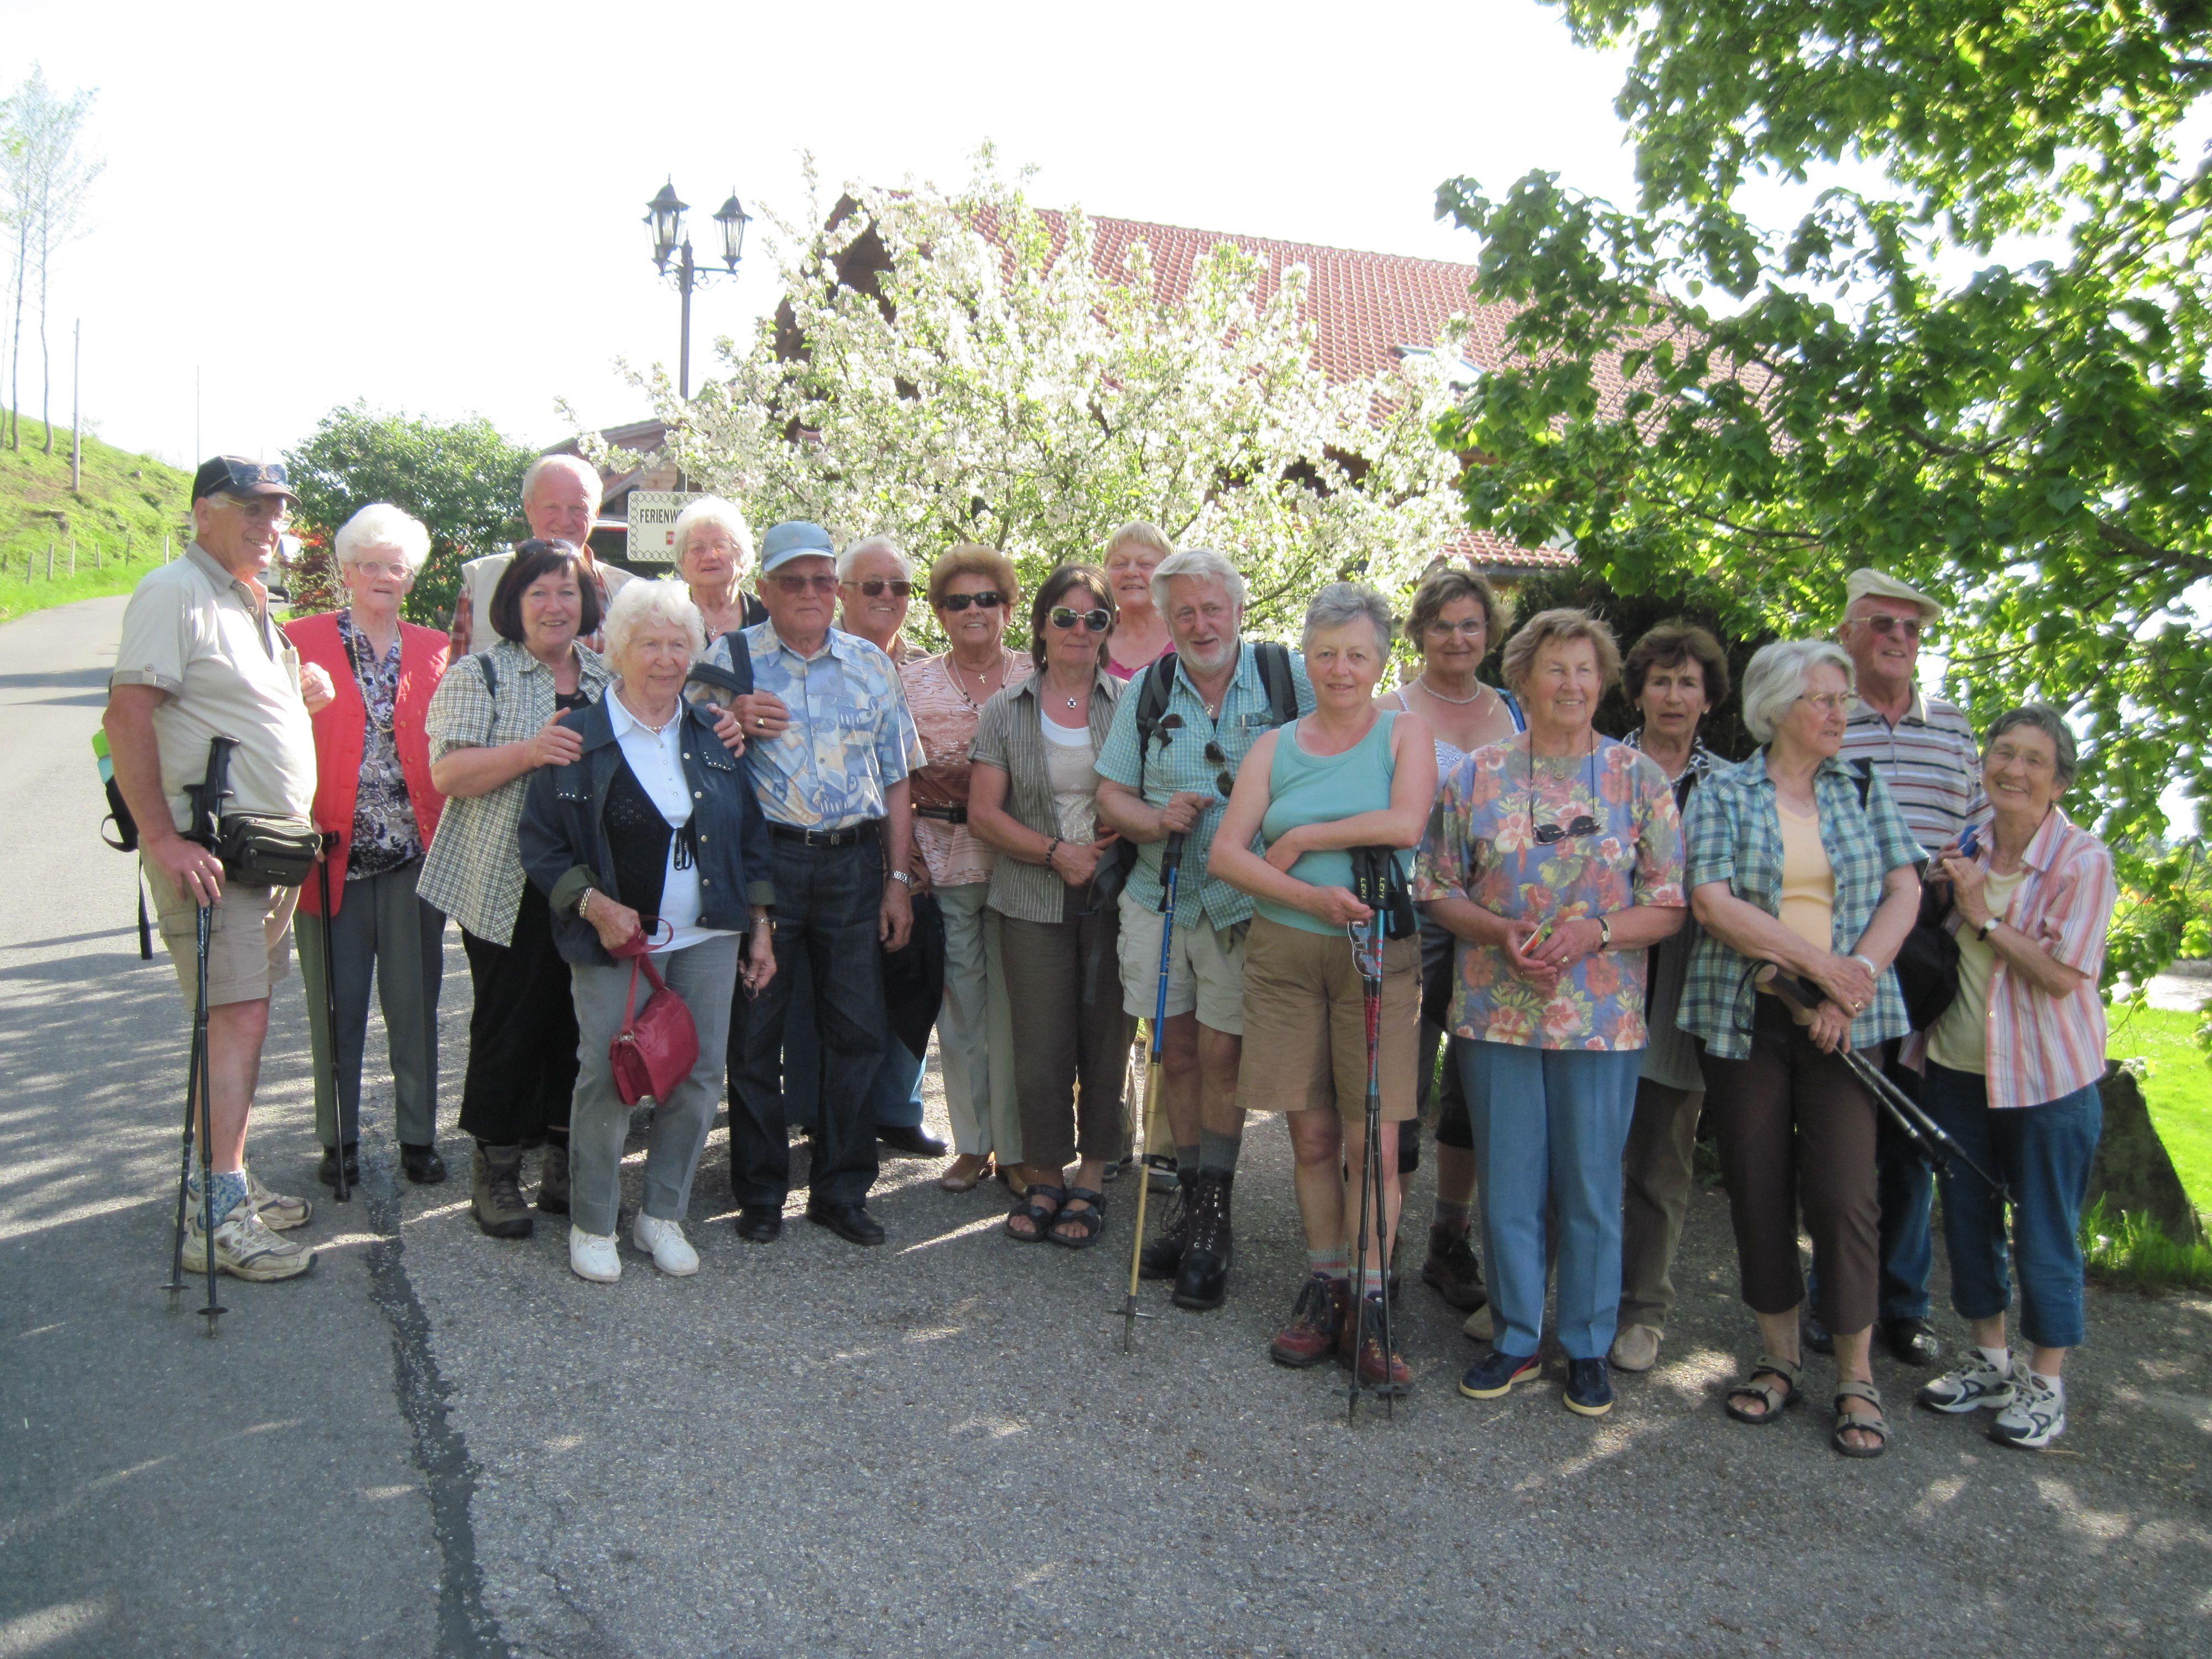 PVÖ-Hörbranz: Mitglieder erlebten tollen Ausflug